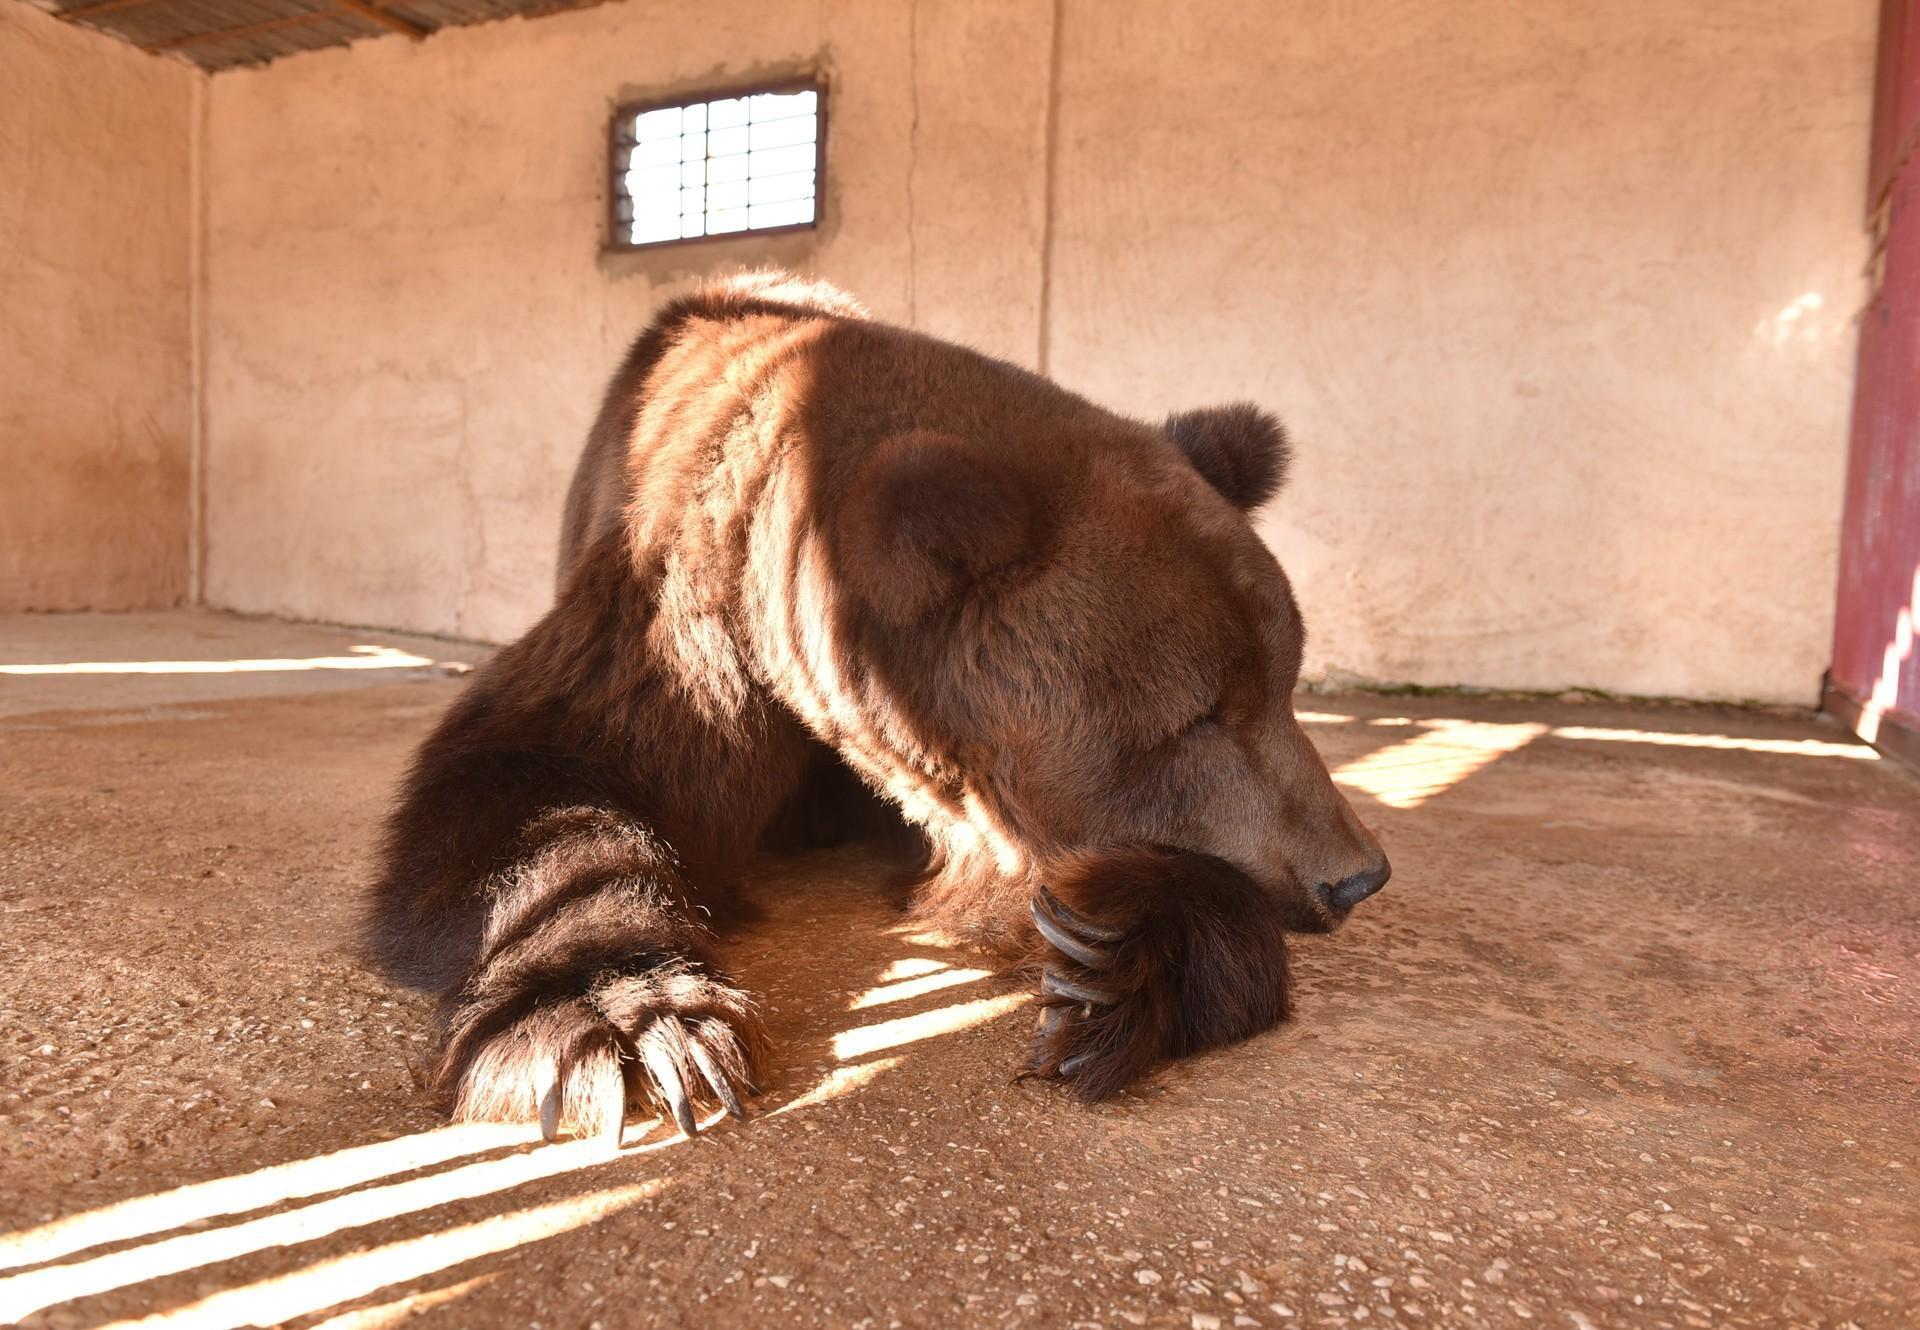 Bear in a poorly-kept zoo